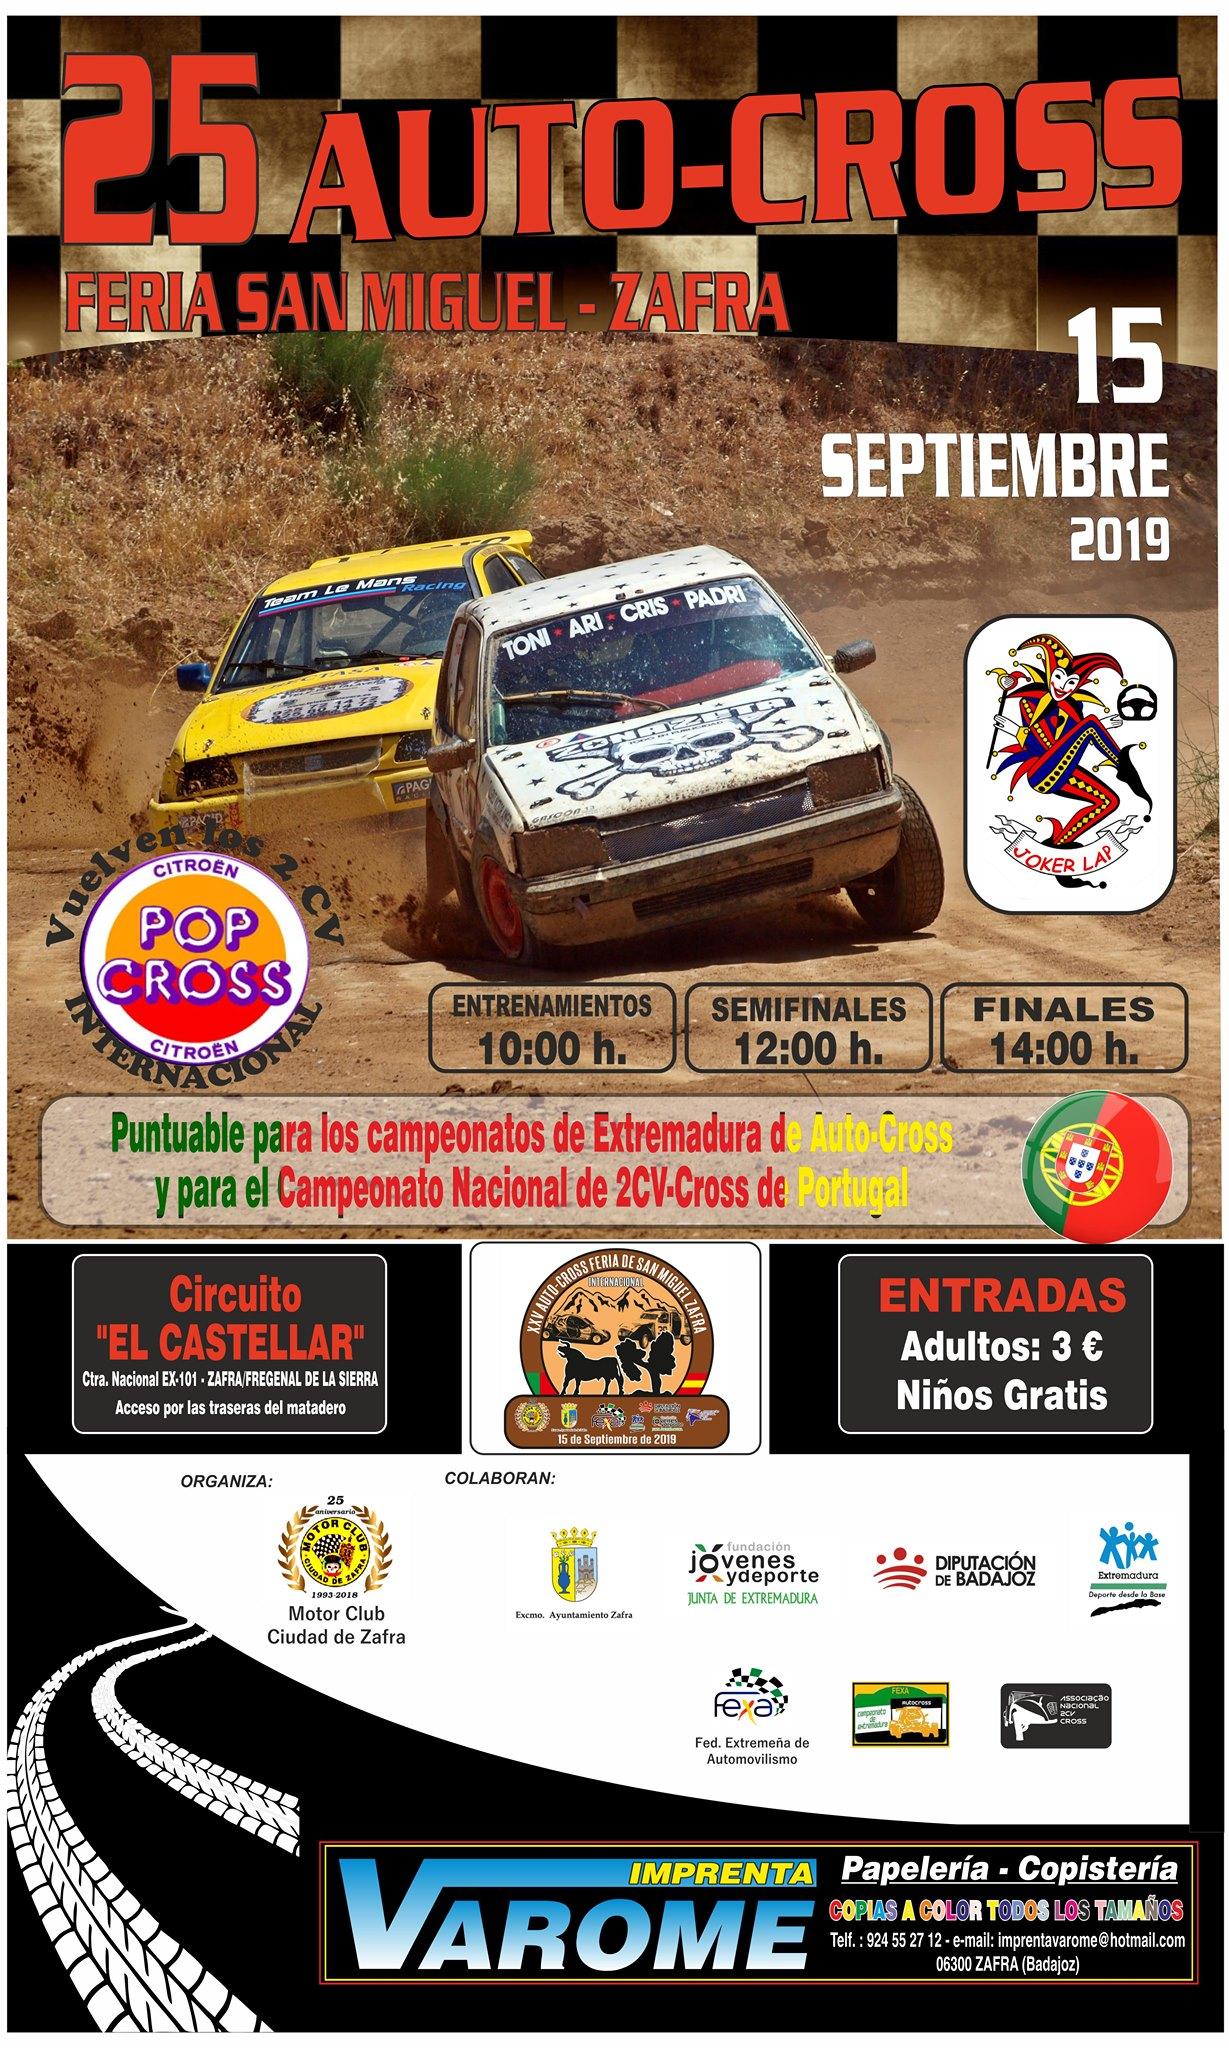 El Autocross Feria de San Miguel de Zafra marca el tramo final de la temporada